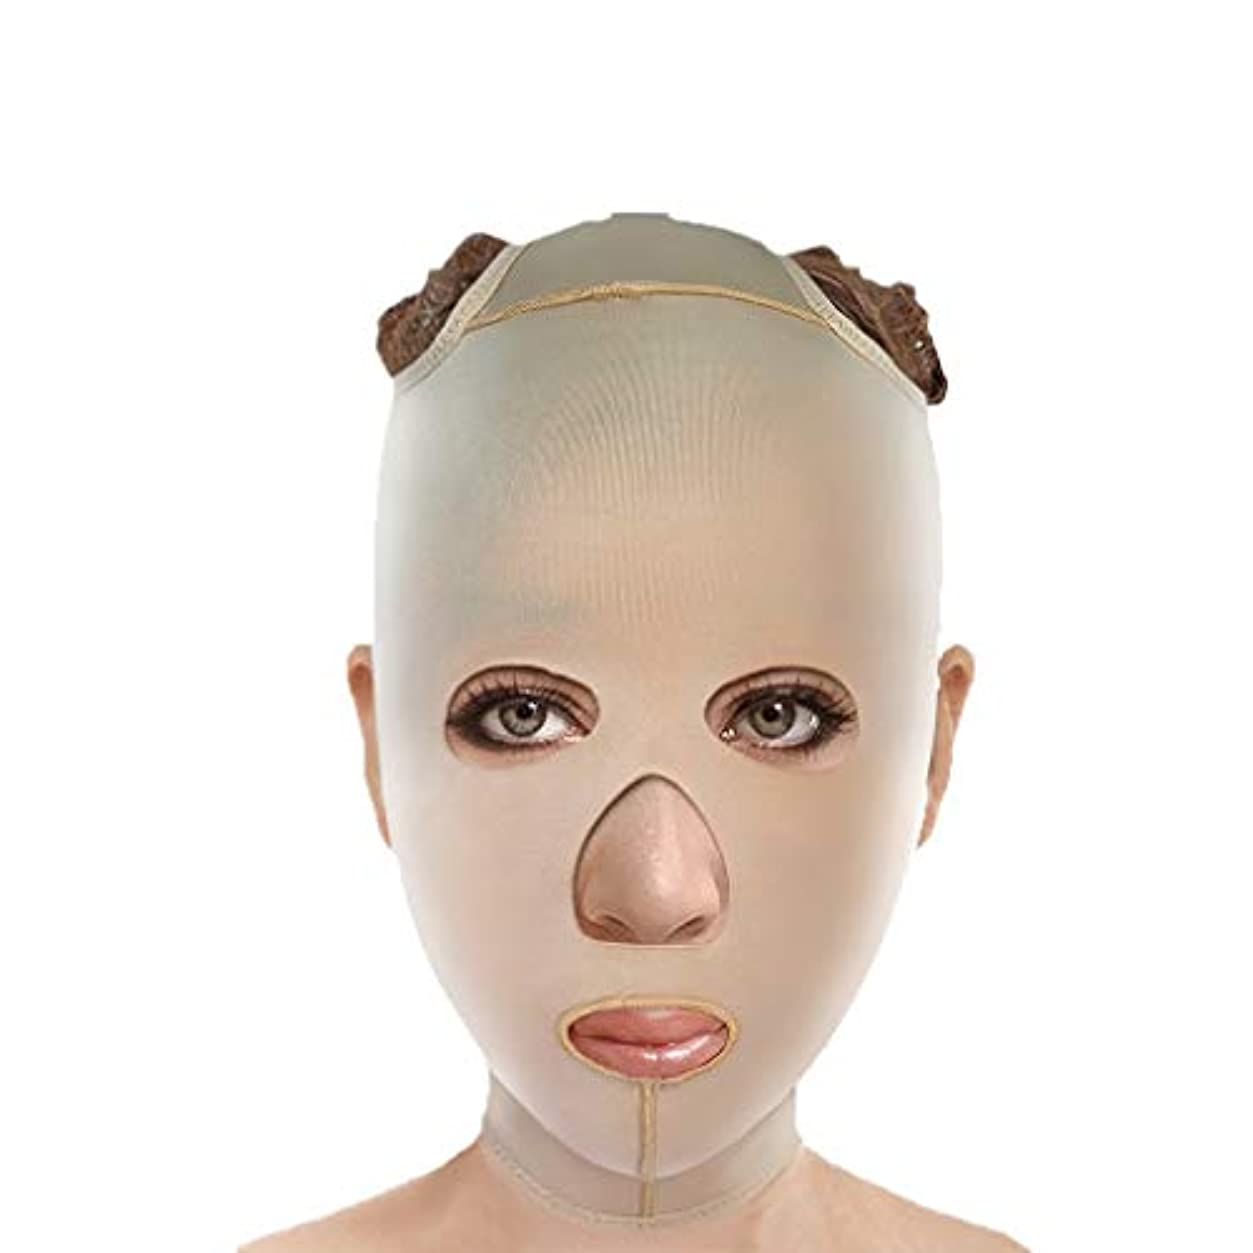 露出度の高い予想外征服するLJK あごのストラップ、フェイスリフティング、アンチエイジングフェイシャルバンデージ、フェイシャル減量マスク、ファーミングマスク、フェイシャルリフティングアーティファクト (Size : XL)